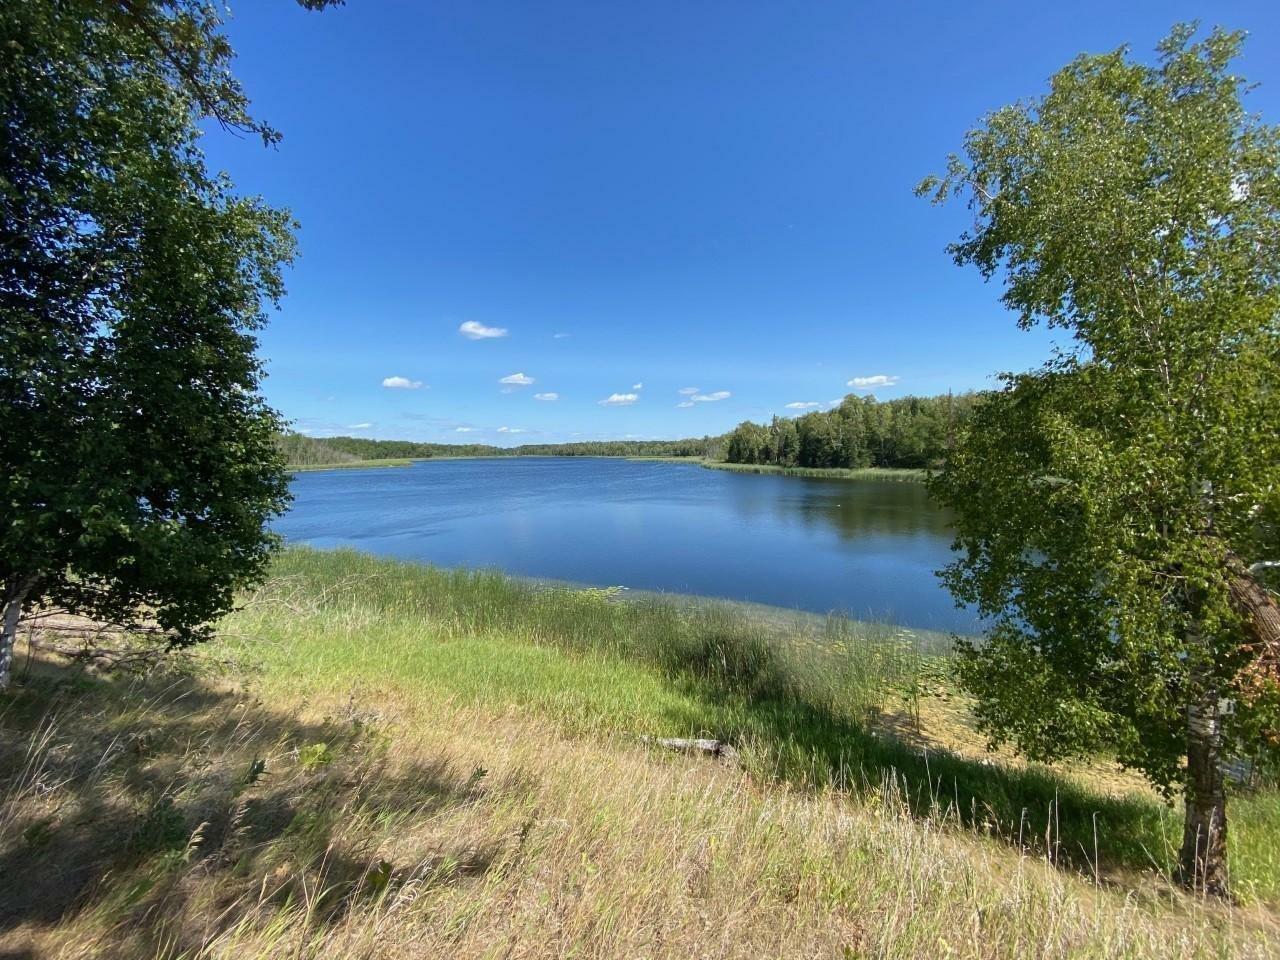 Земля в Клирбрук, Миннесота, Соединенные Штаты Америки 1 - 11604260